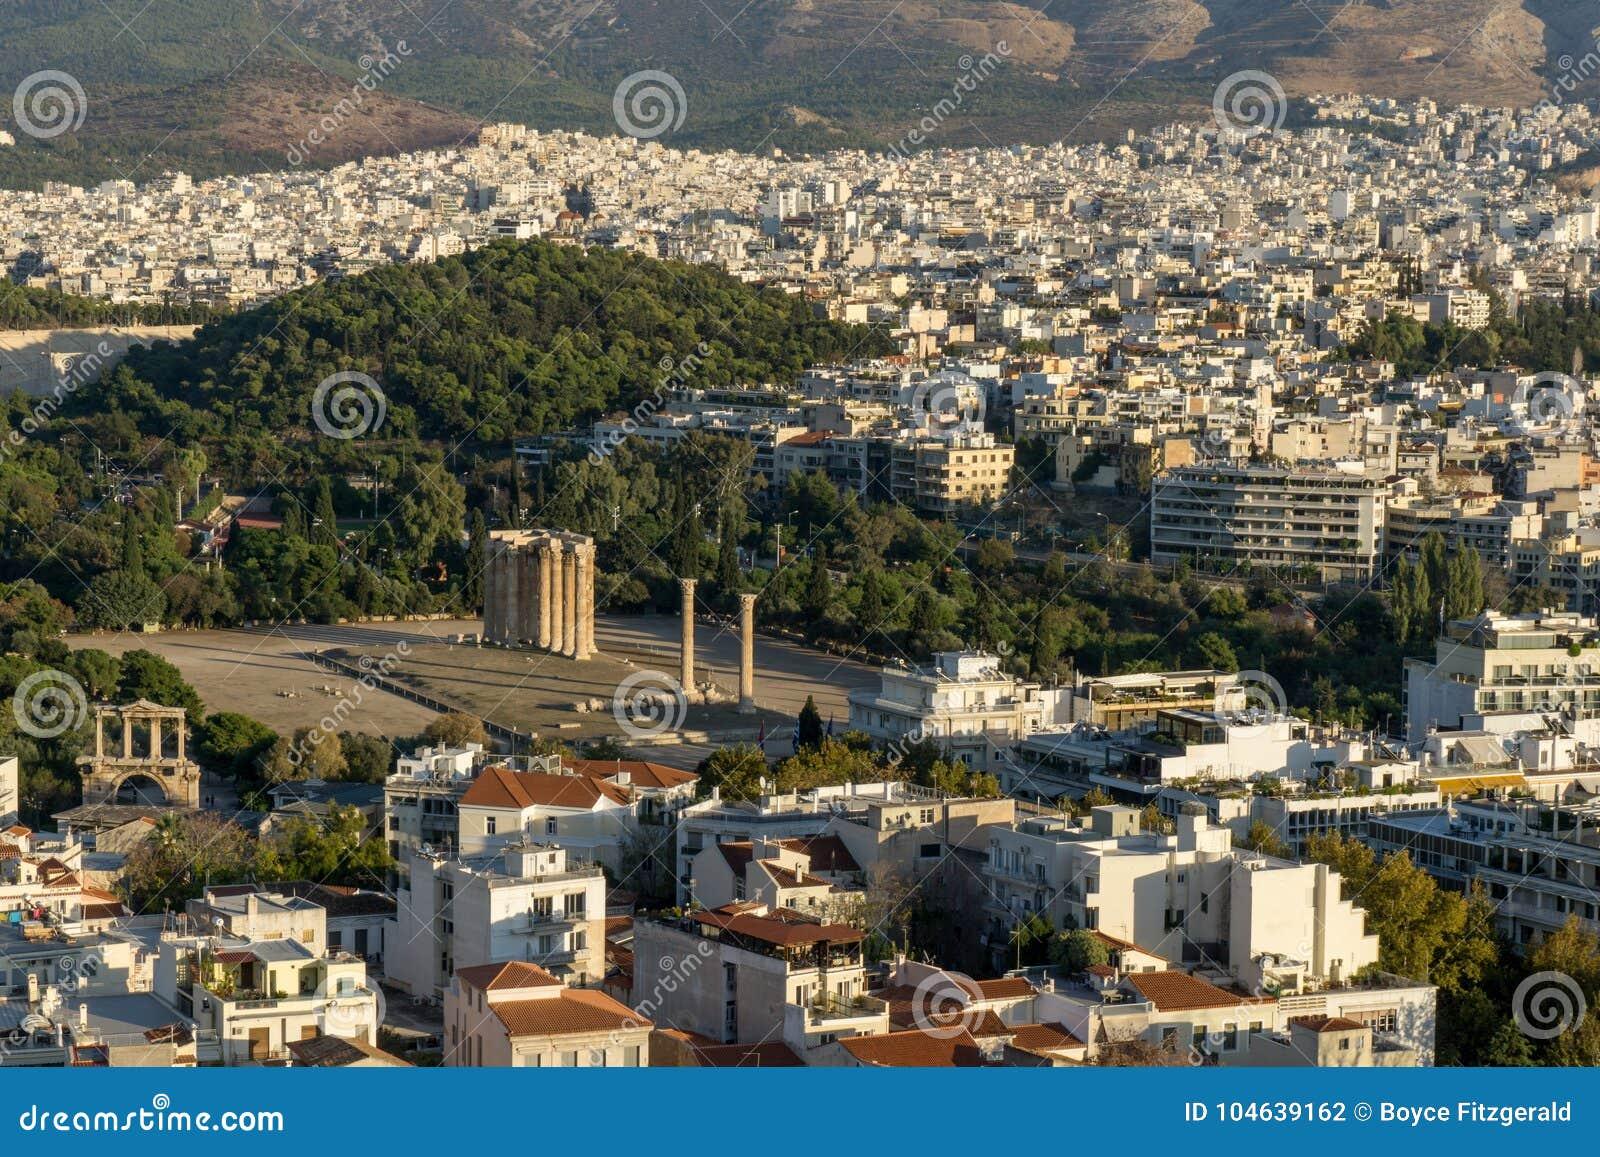 Download Foto Van Beroemd Roman Agora, Het Historische Centrum Van Athene, Attica, Griekenland Stock Foto - Afbeelding bestaande uit cultuur, achtergrond: 104639162